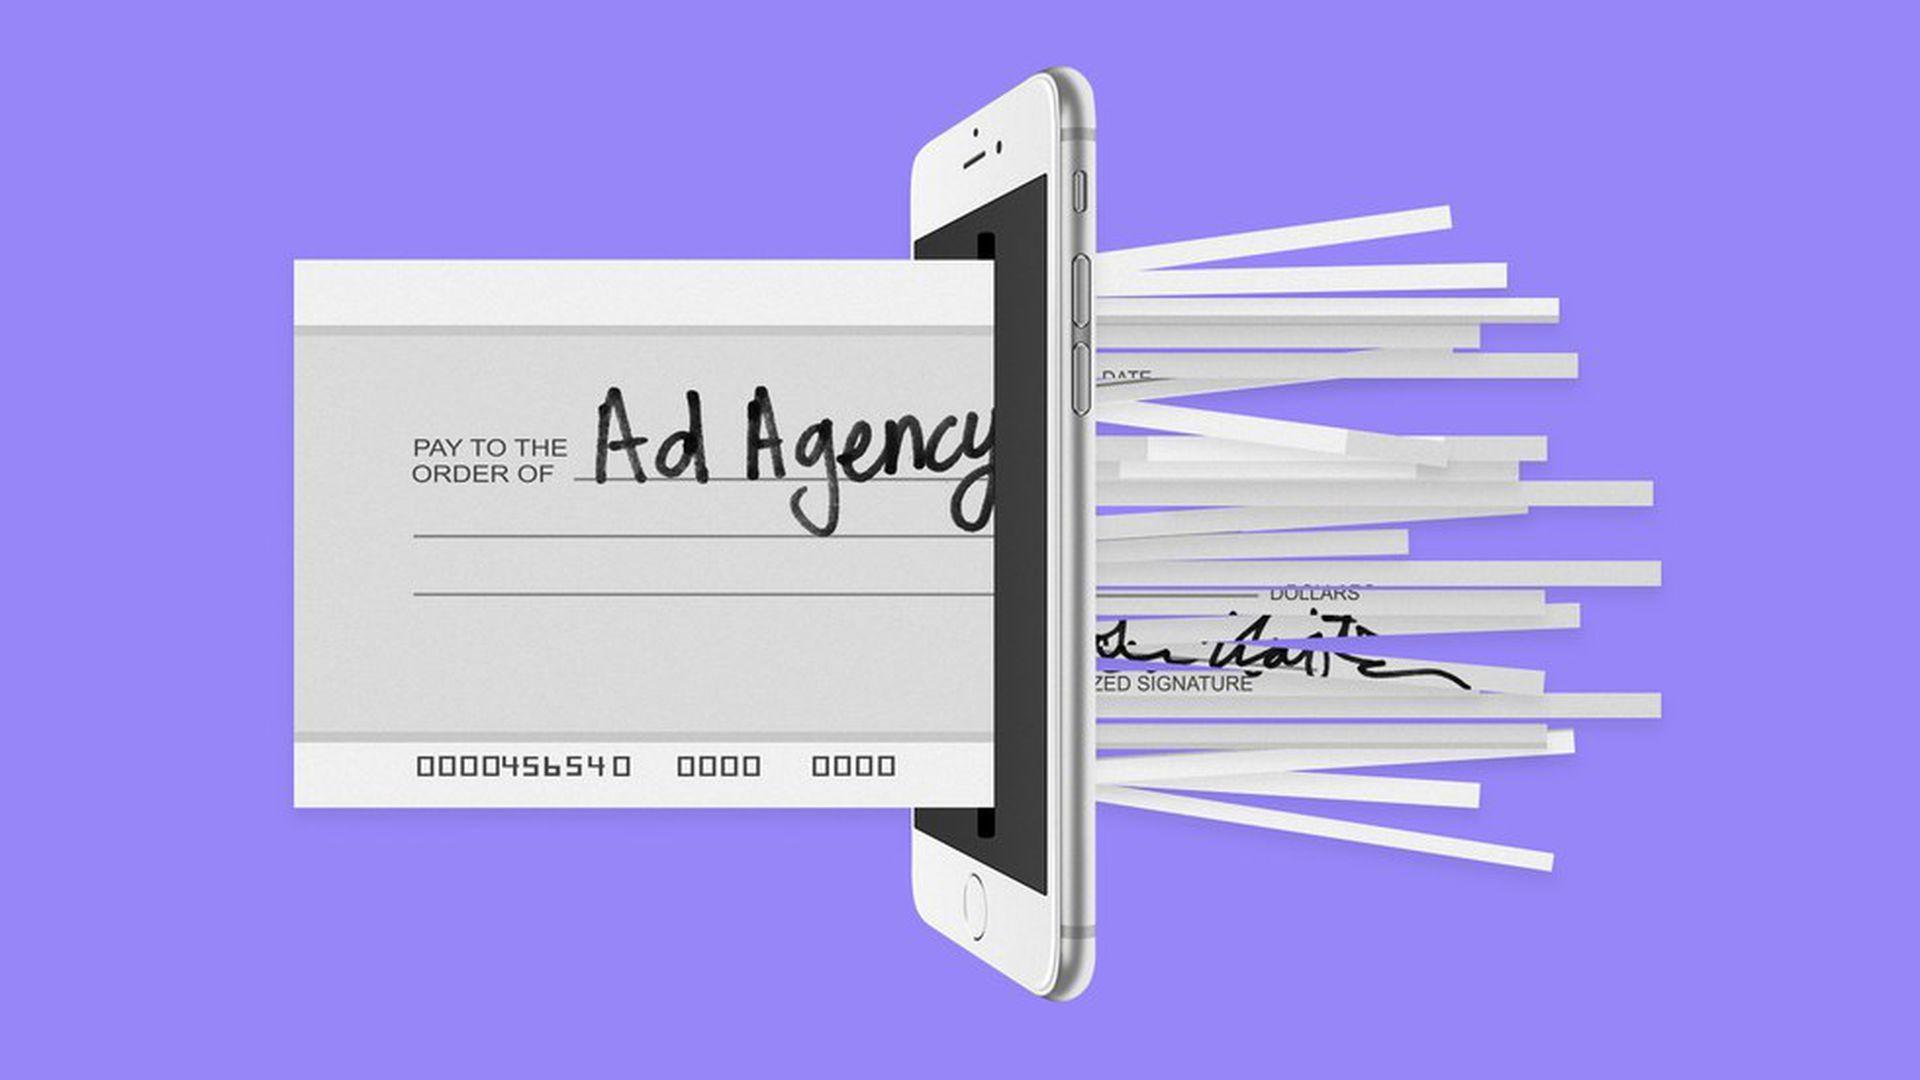 Autoridades detienen el esquema de fraude de anuncios digitales gigantes - Axios